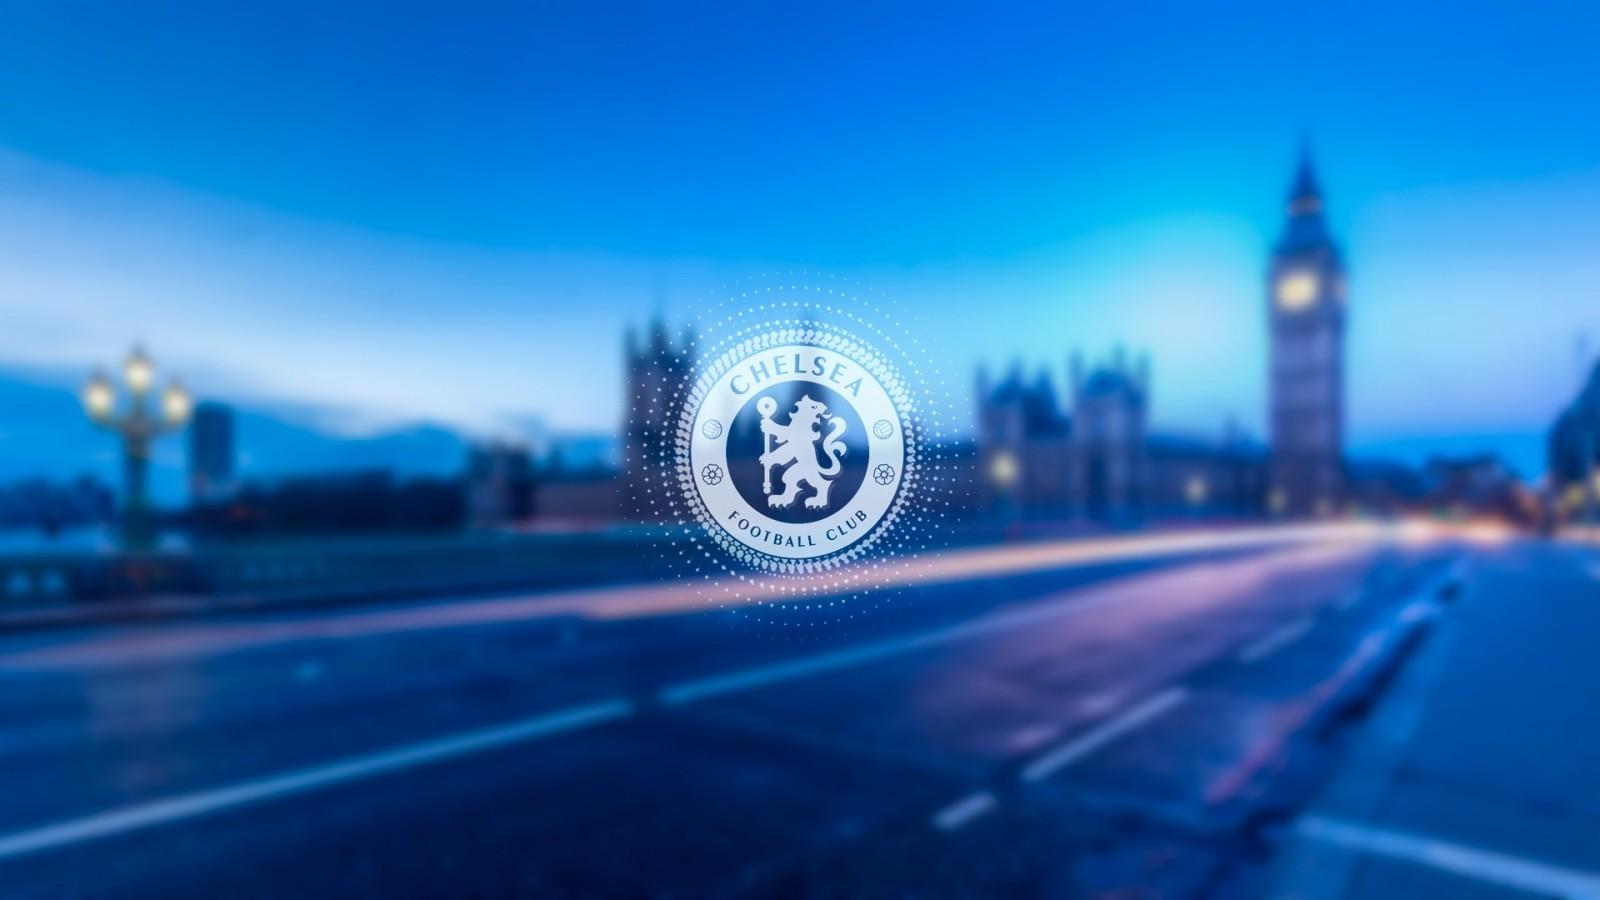 배경 화면 : 푸른, 첼시 FC, 고속도로, 운전, 빛, 스크린 샷, 컴퓨터 ...